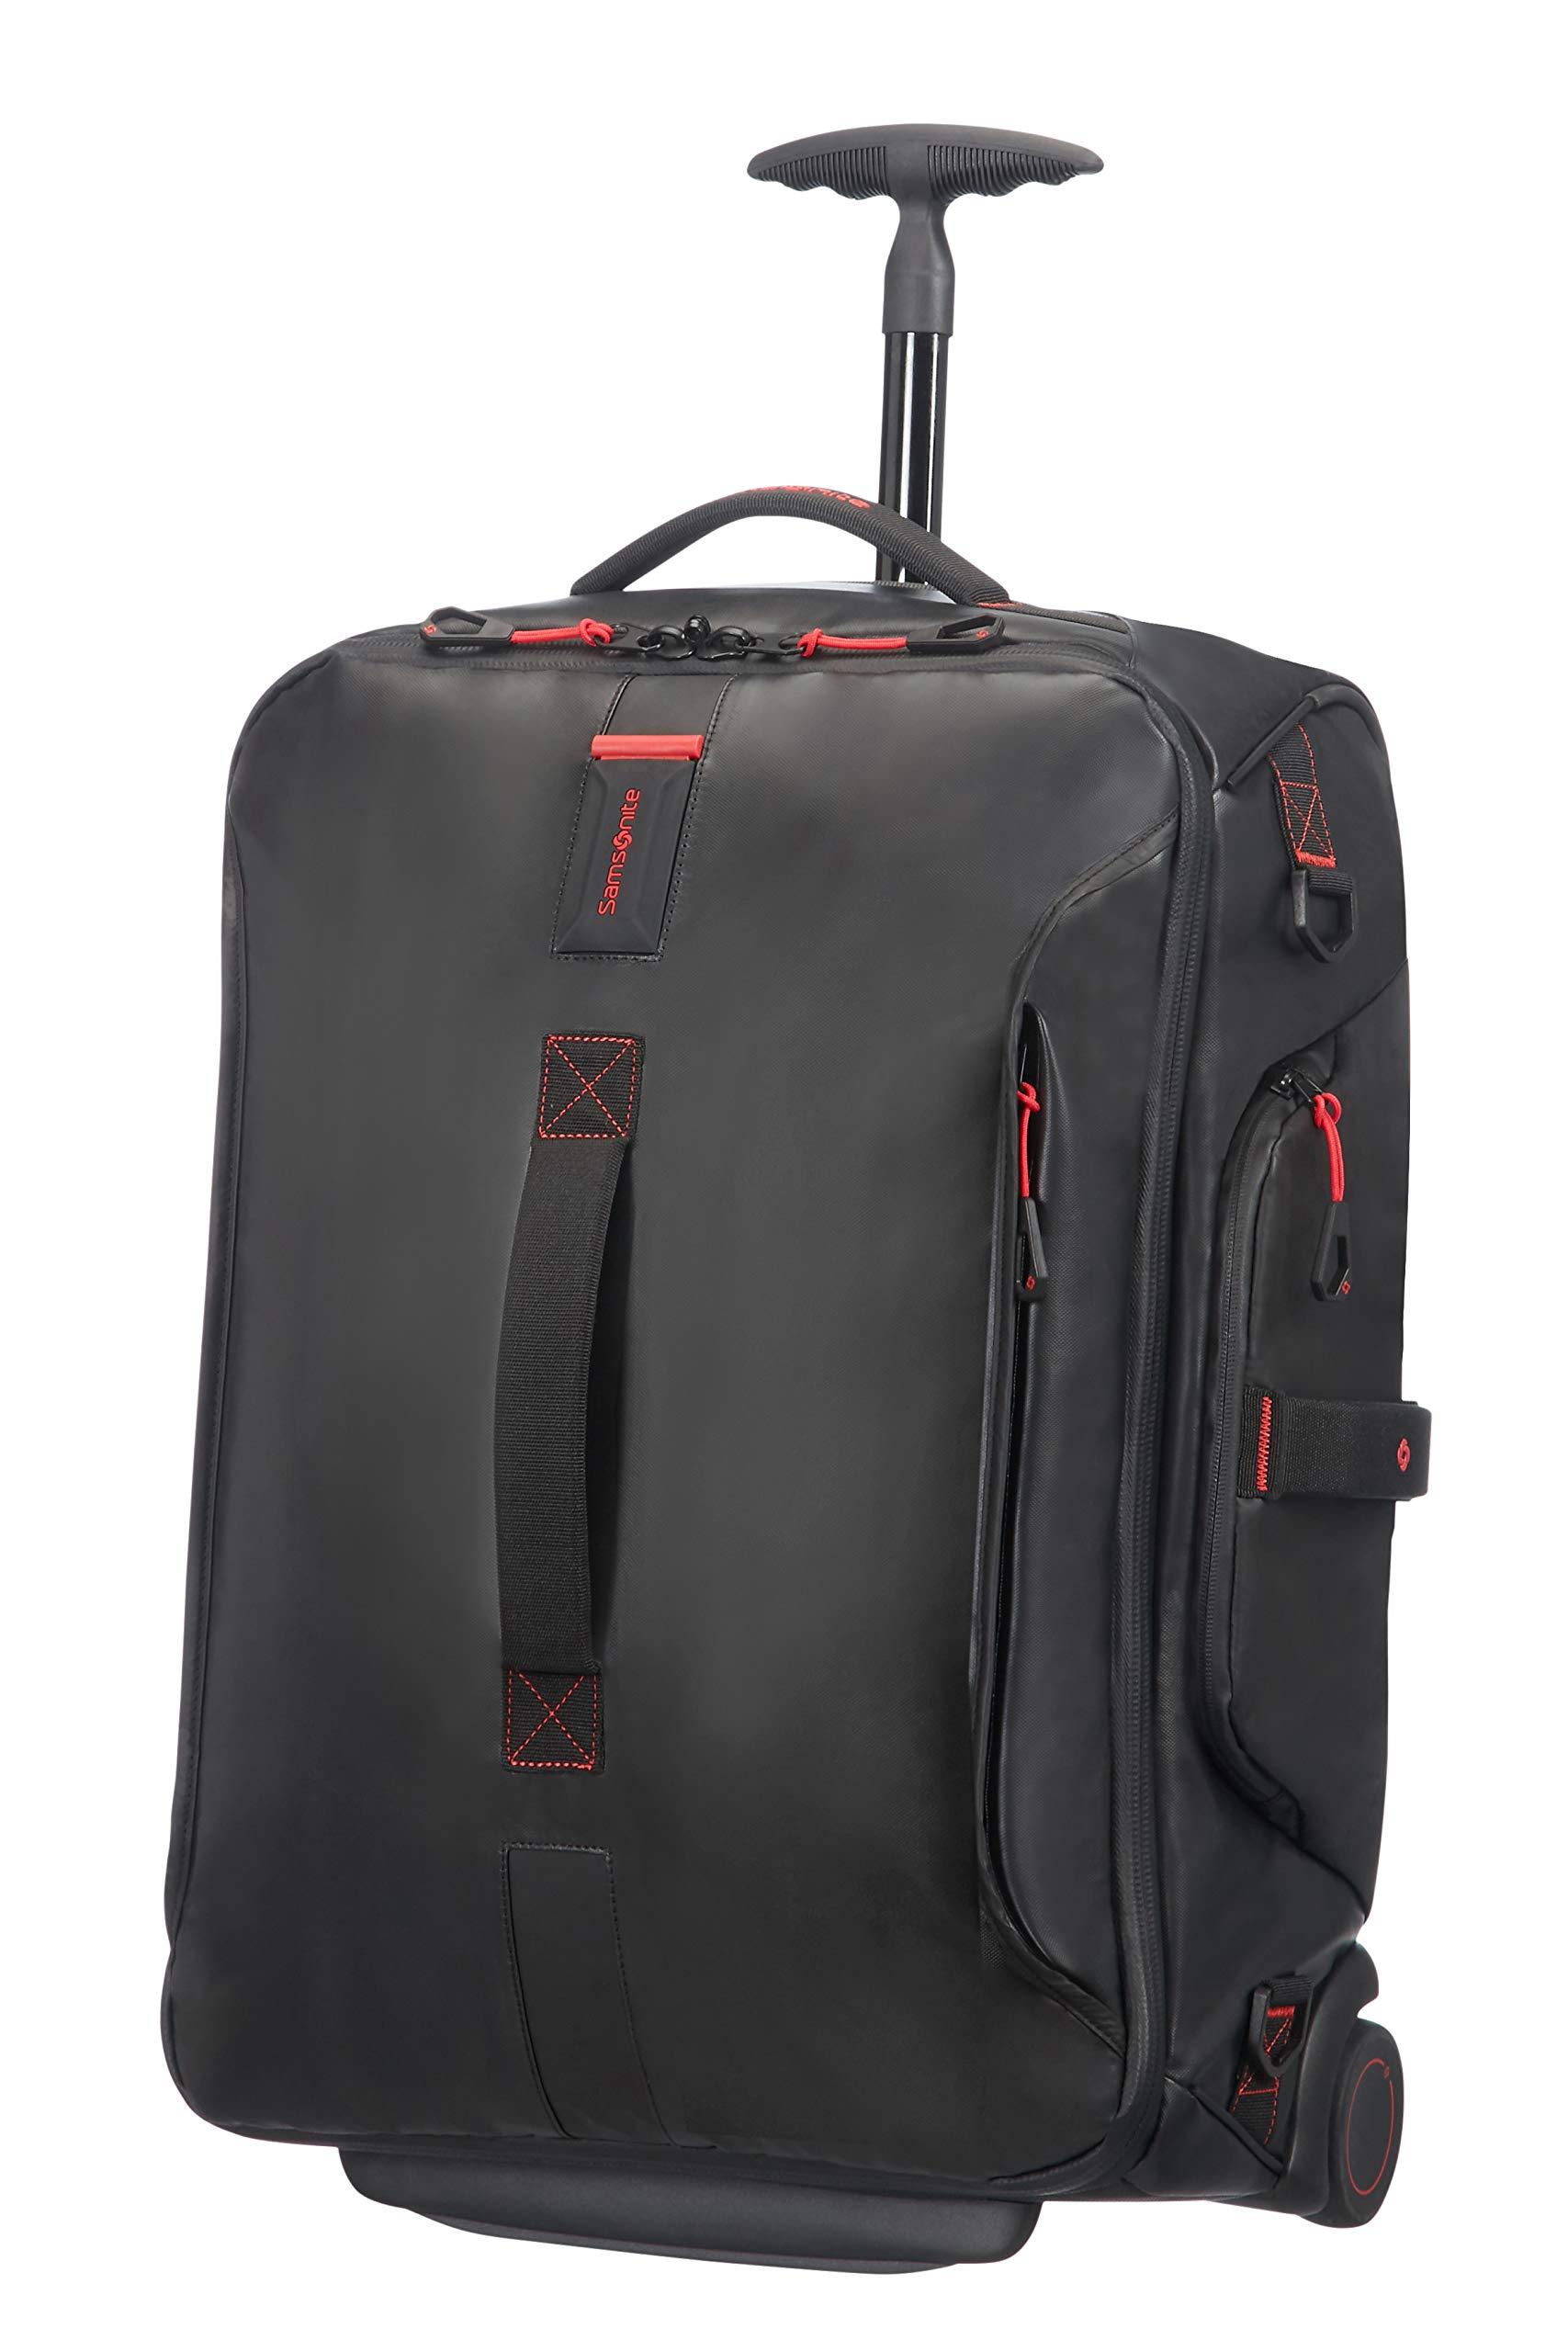 Samsonite New Paradiver Light Duffle on Wheels 55cm Backpack Black